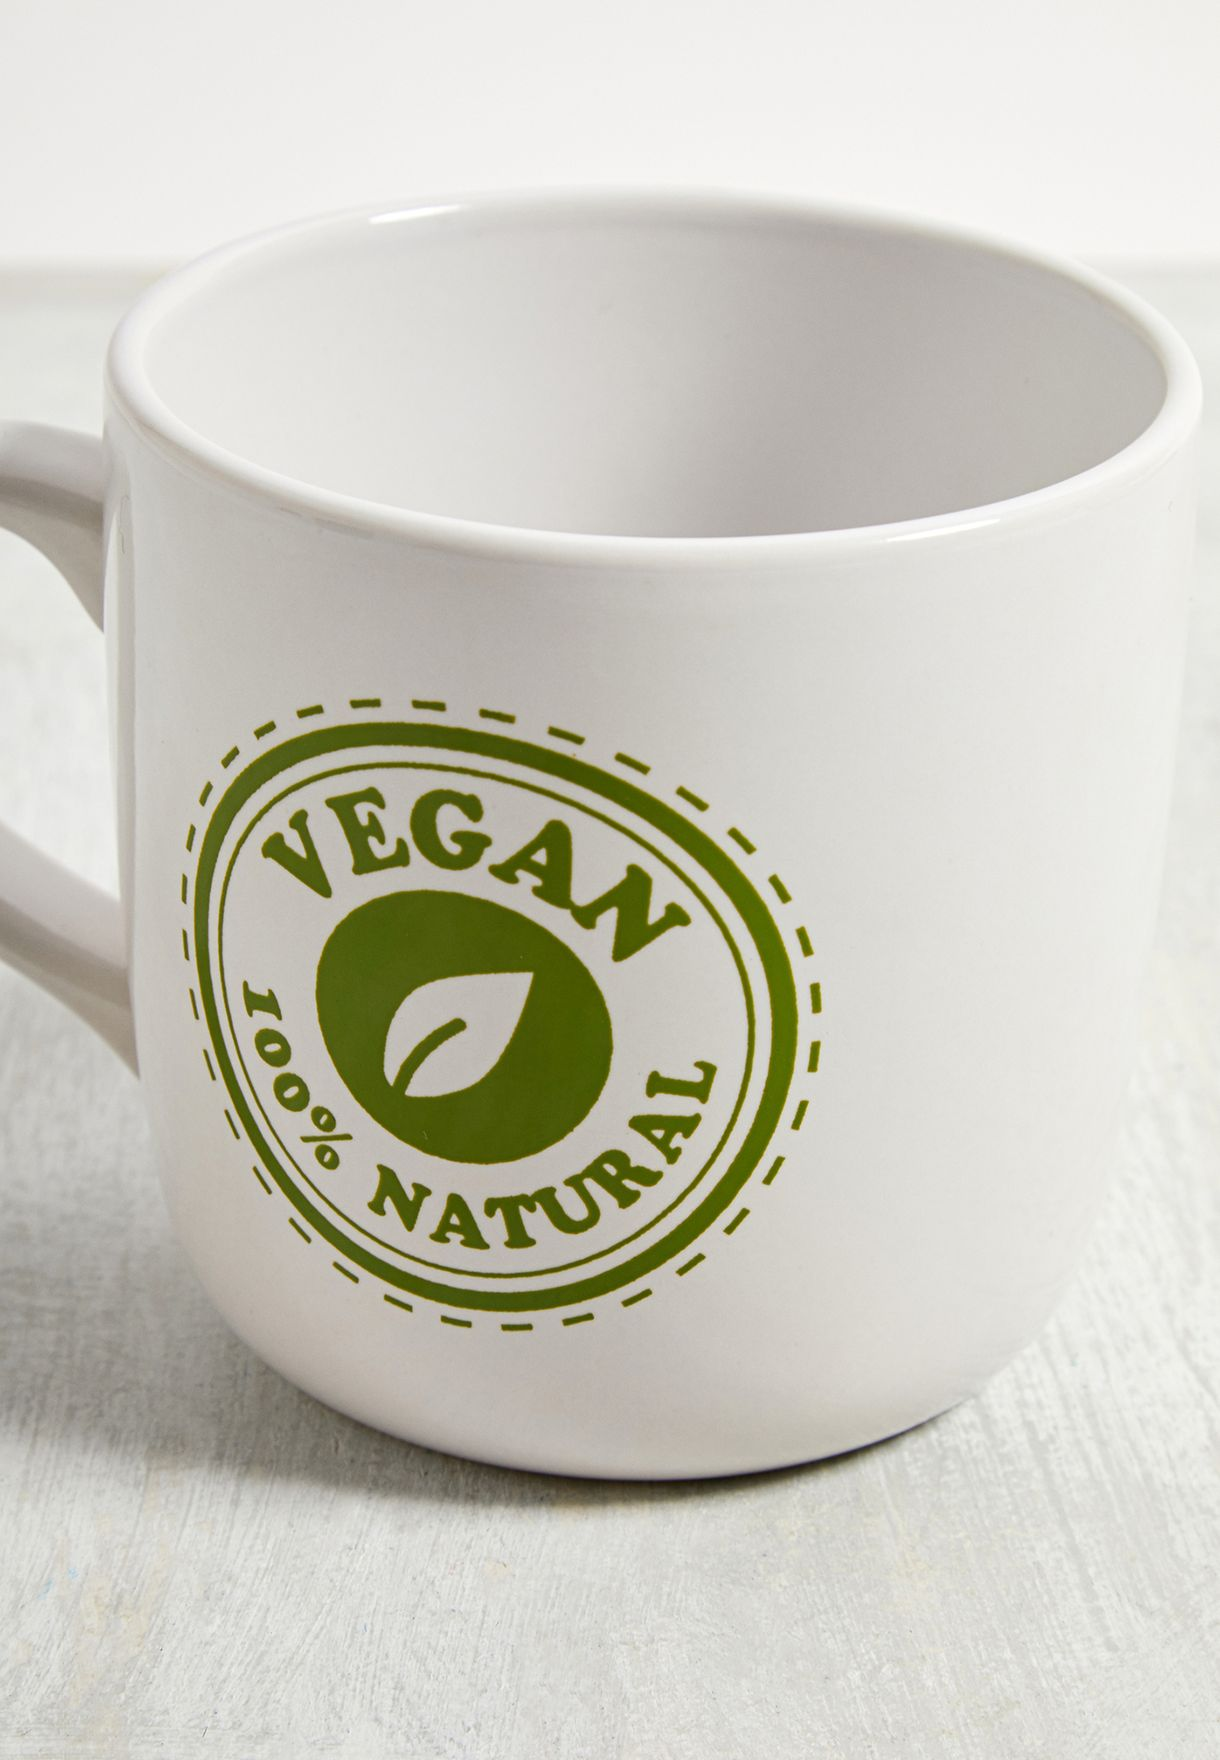 100% Vegan Slogan Mug